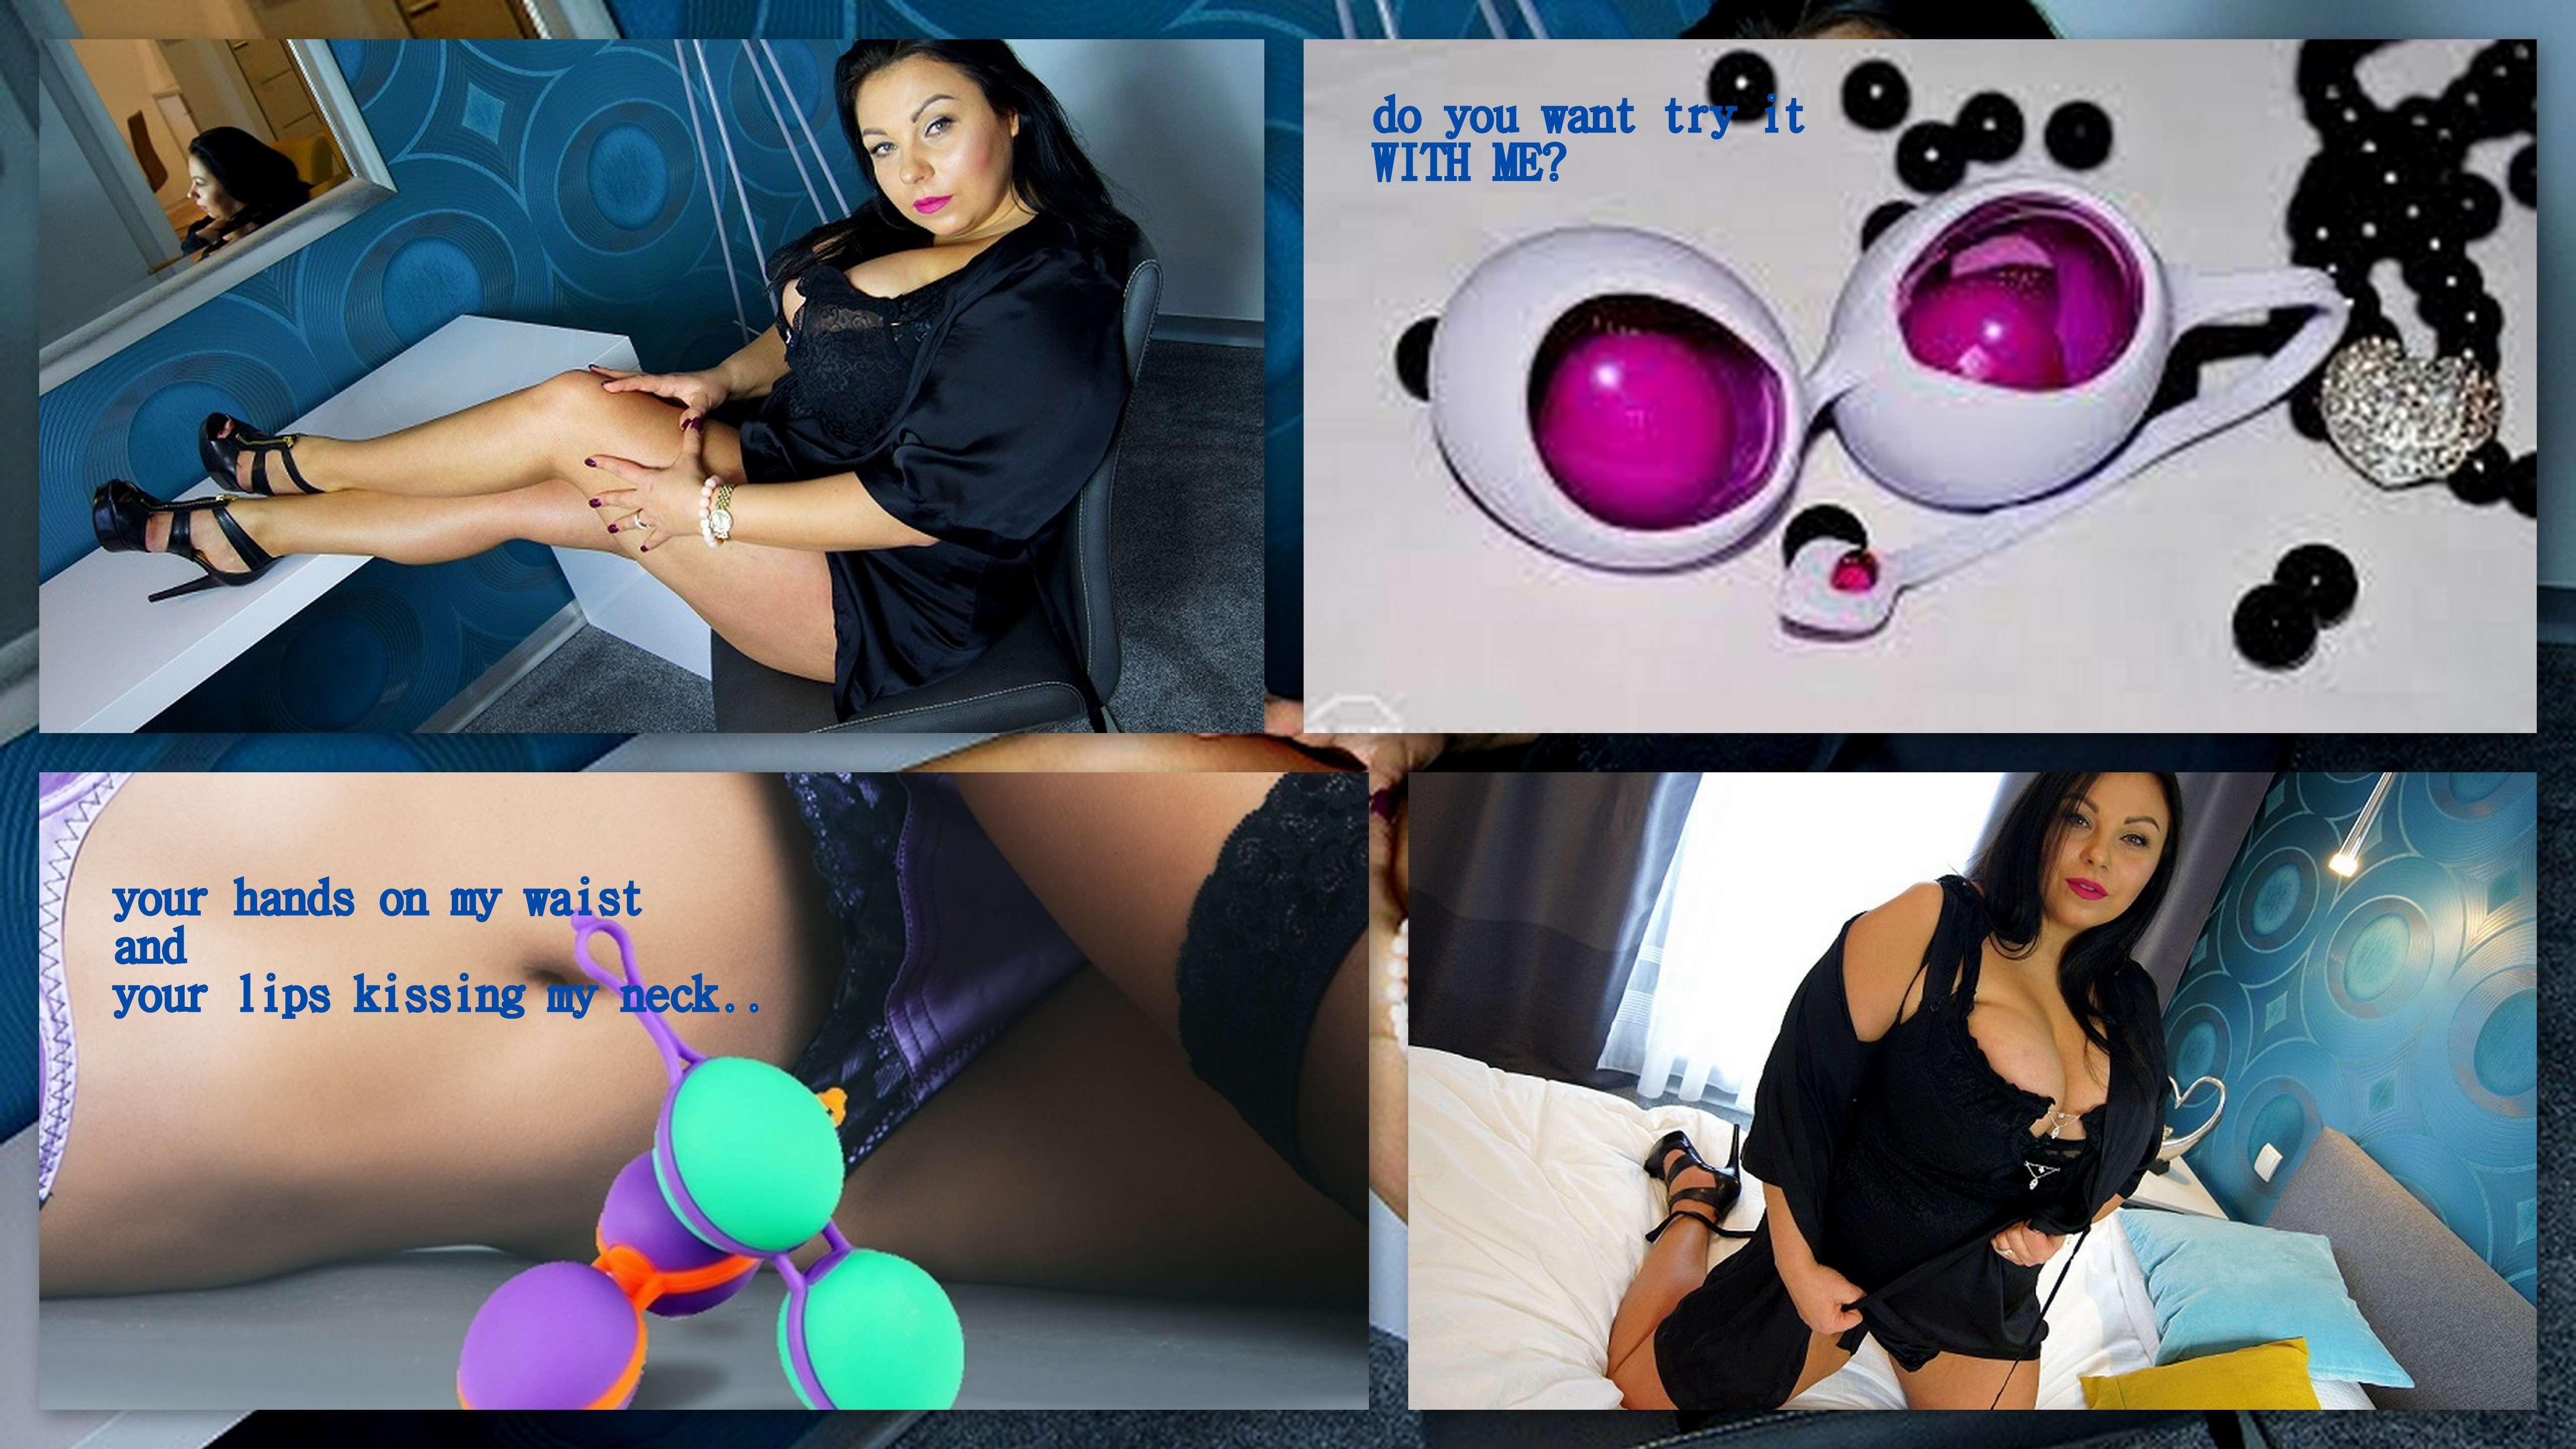 pt cam webcam sexo ao vivo